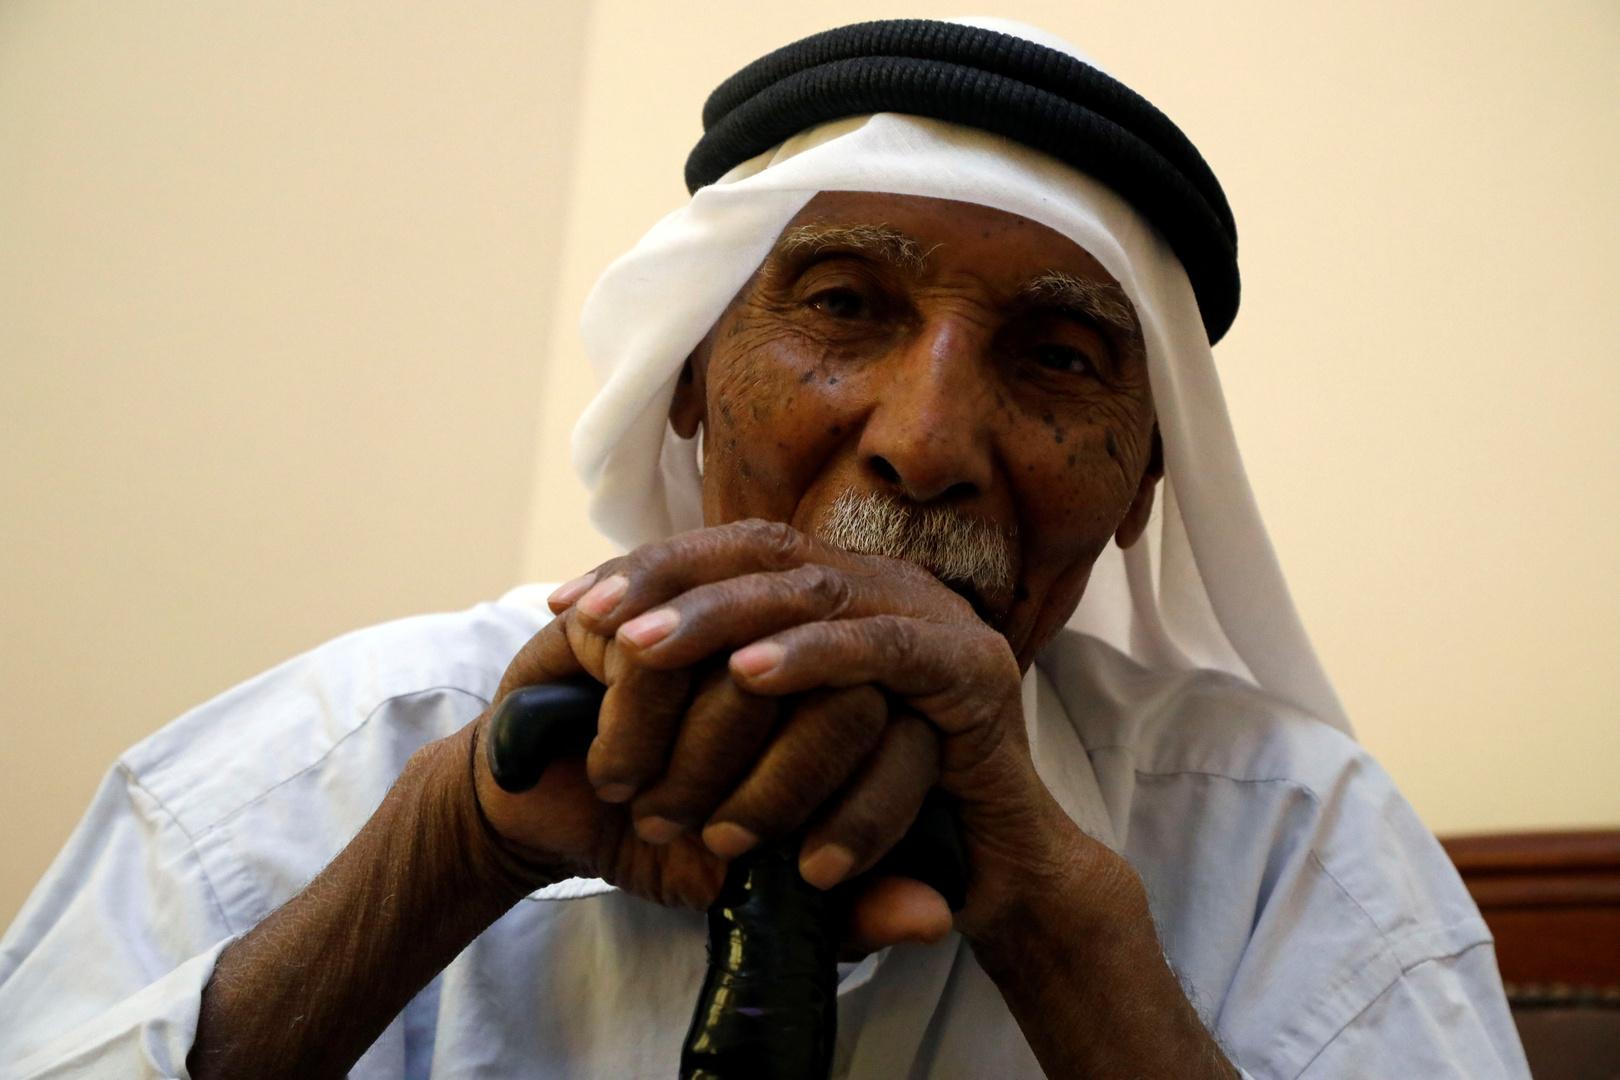 اللاجئ الفلسطيني ماري مسعود 90 سنة تم تهجيره من منزله